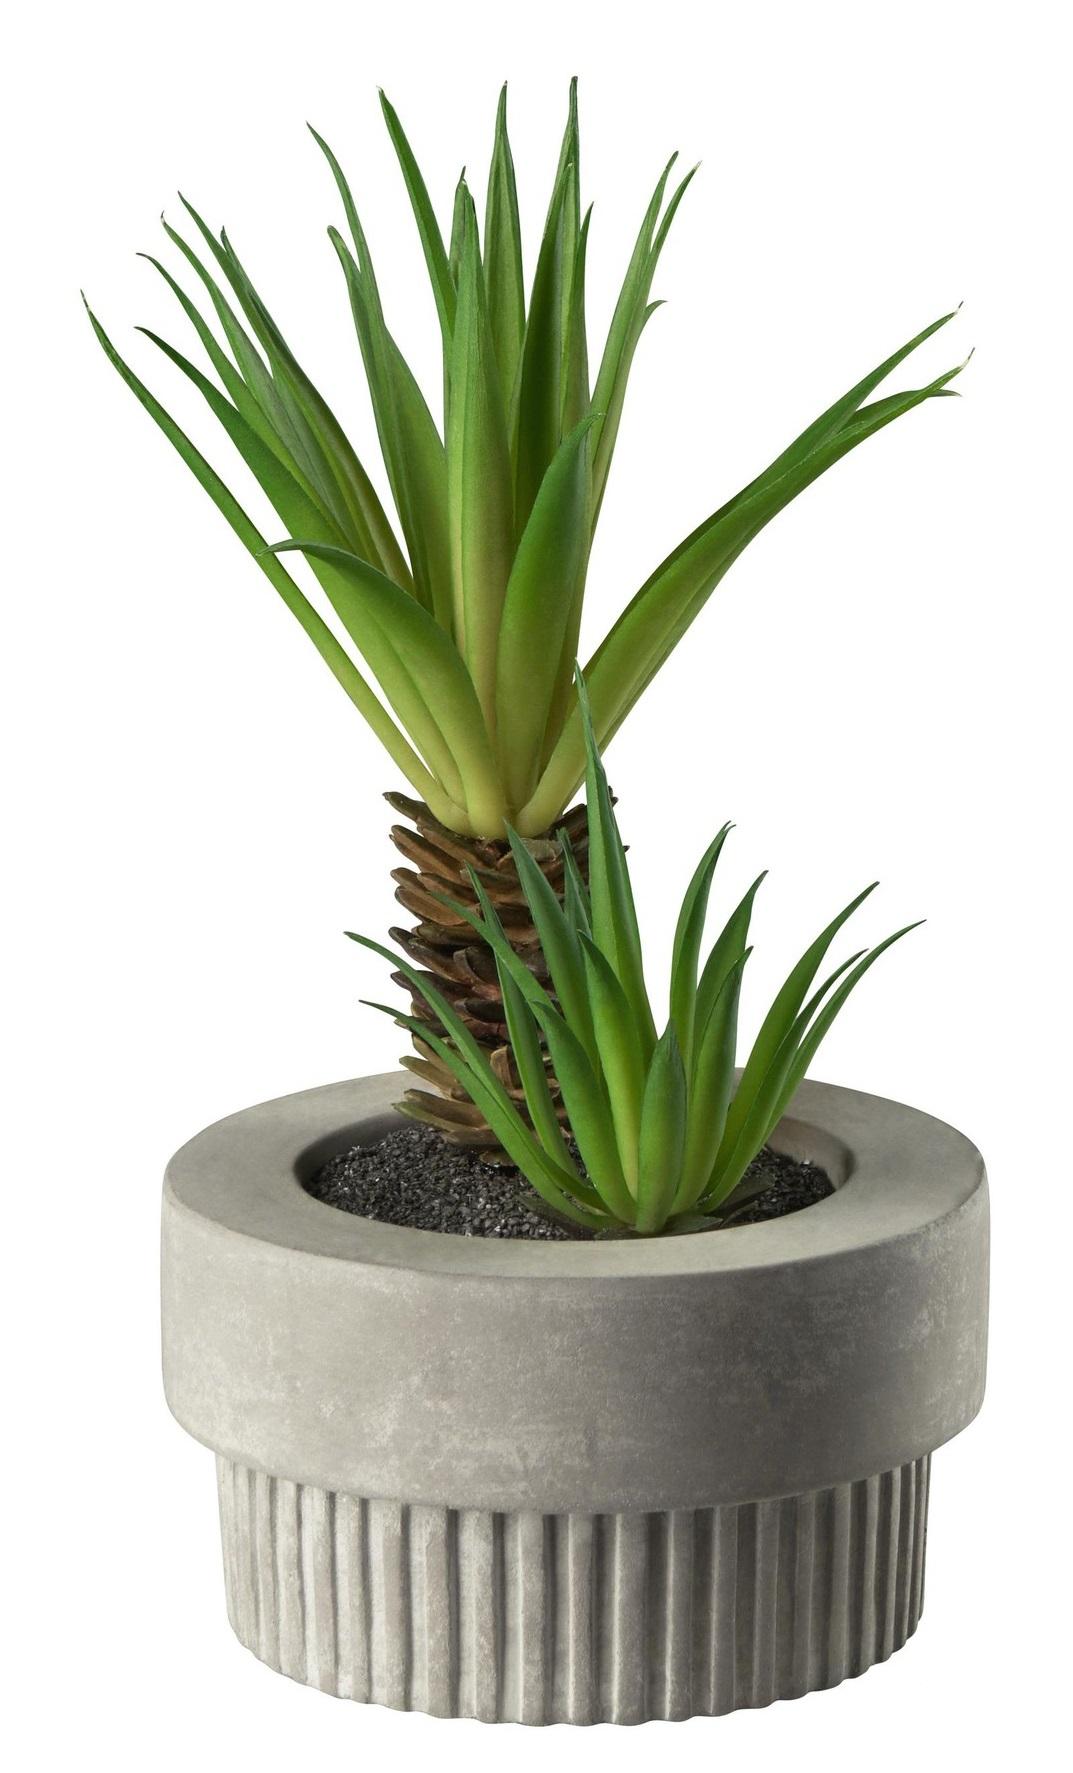 d16b85d2dcc611923424ea70ecc9b981 1 - Decor Succulent green ASA Selection (66255444)